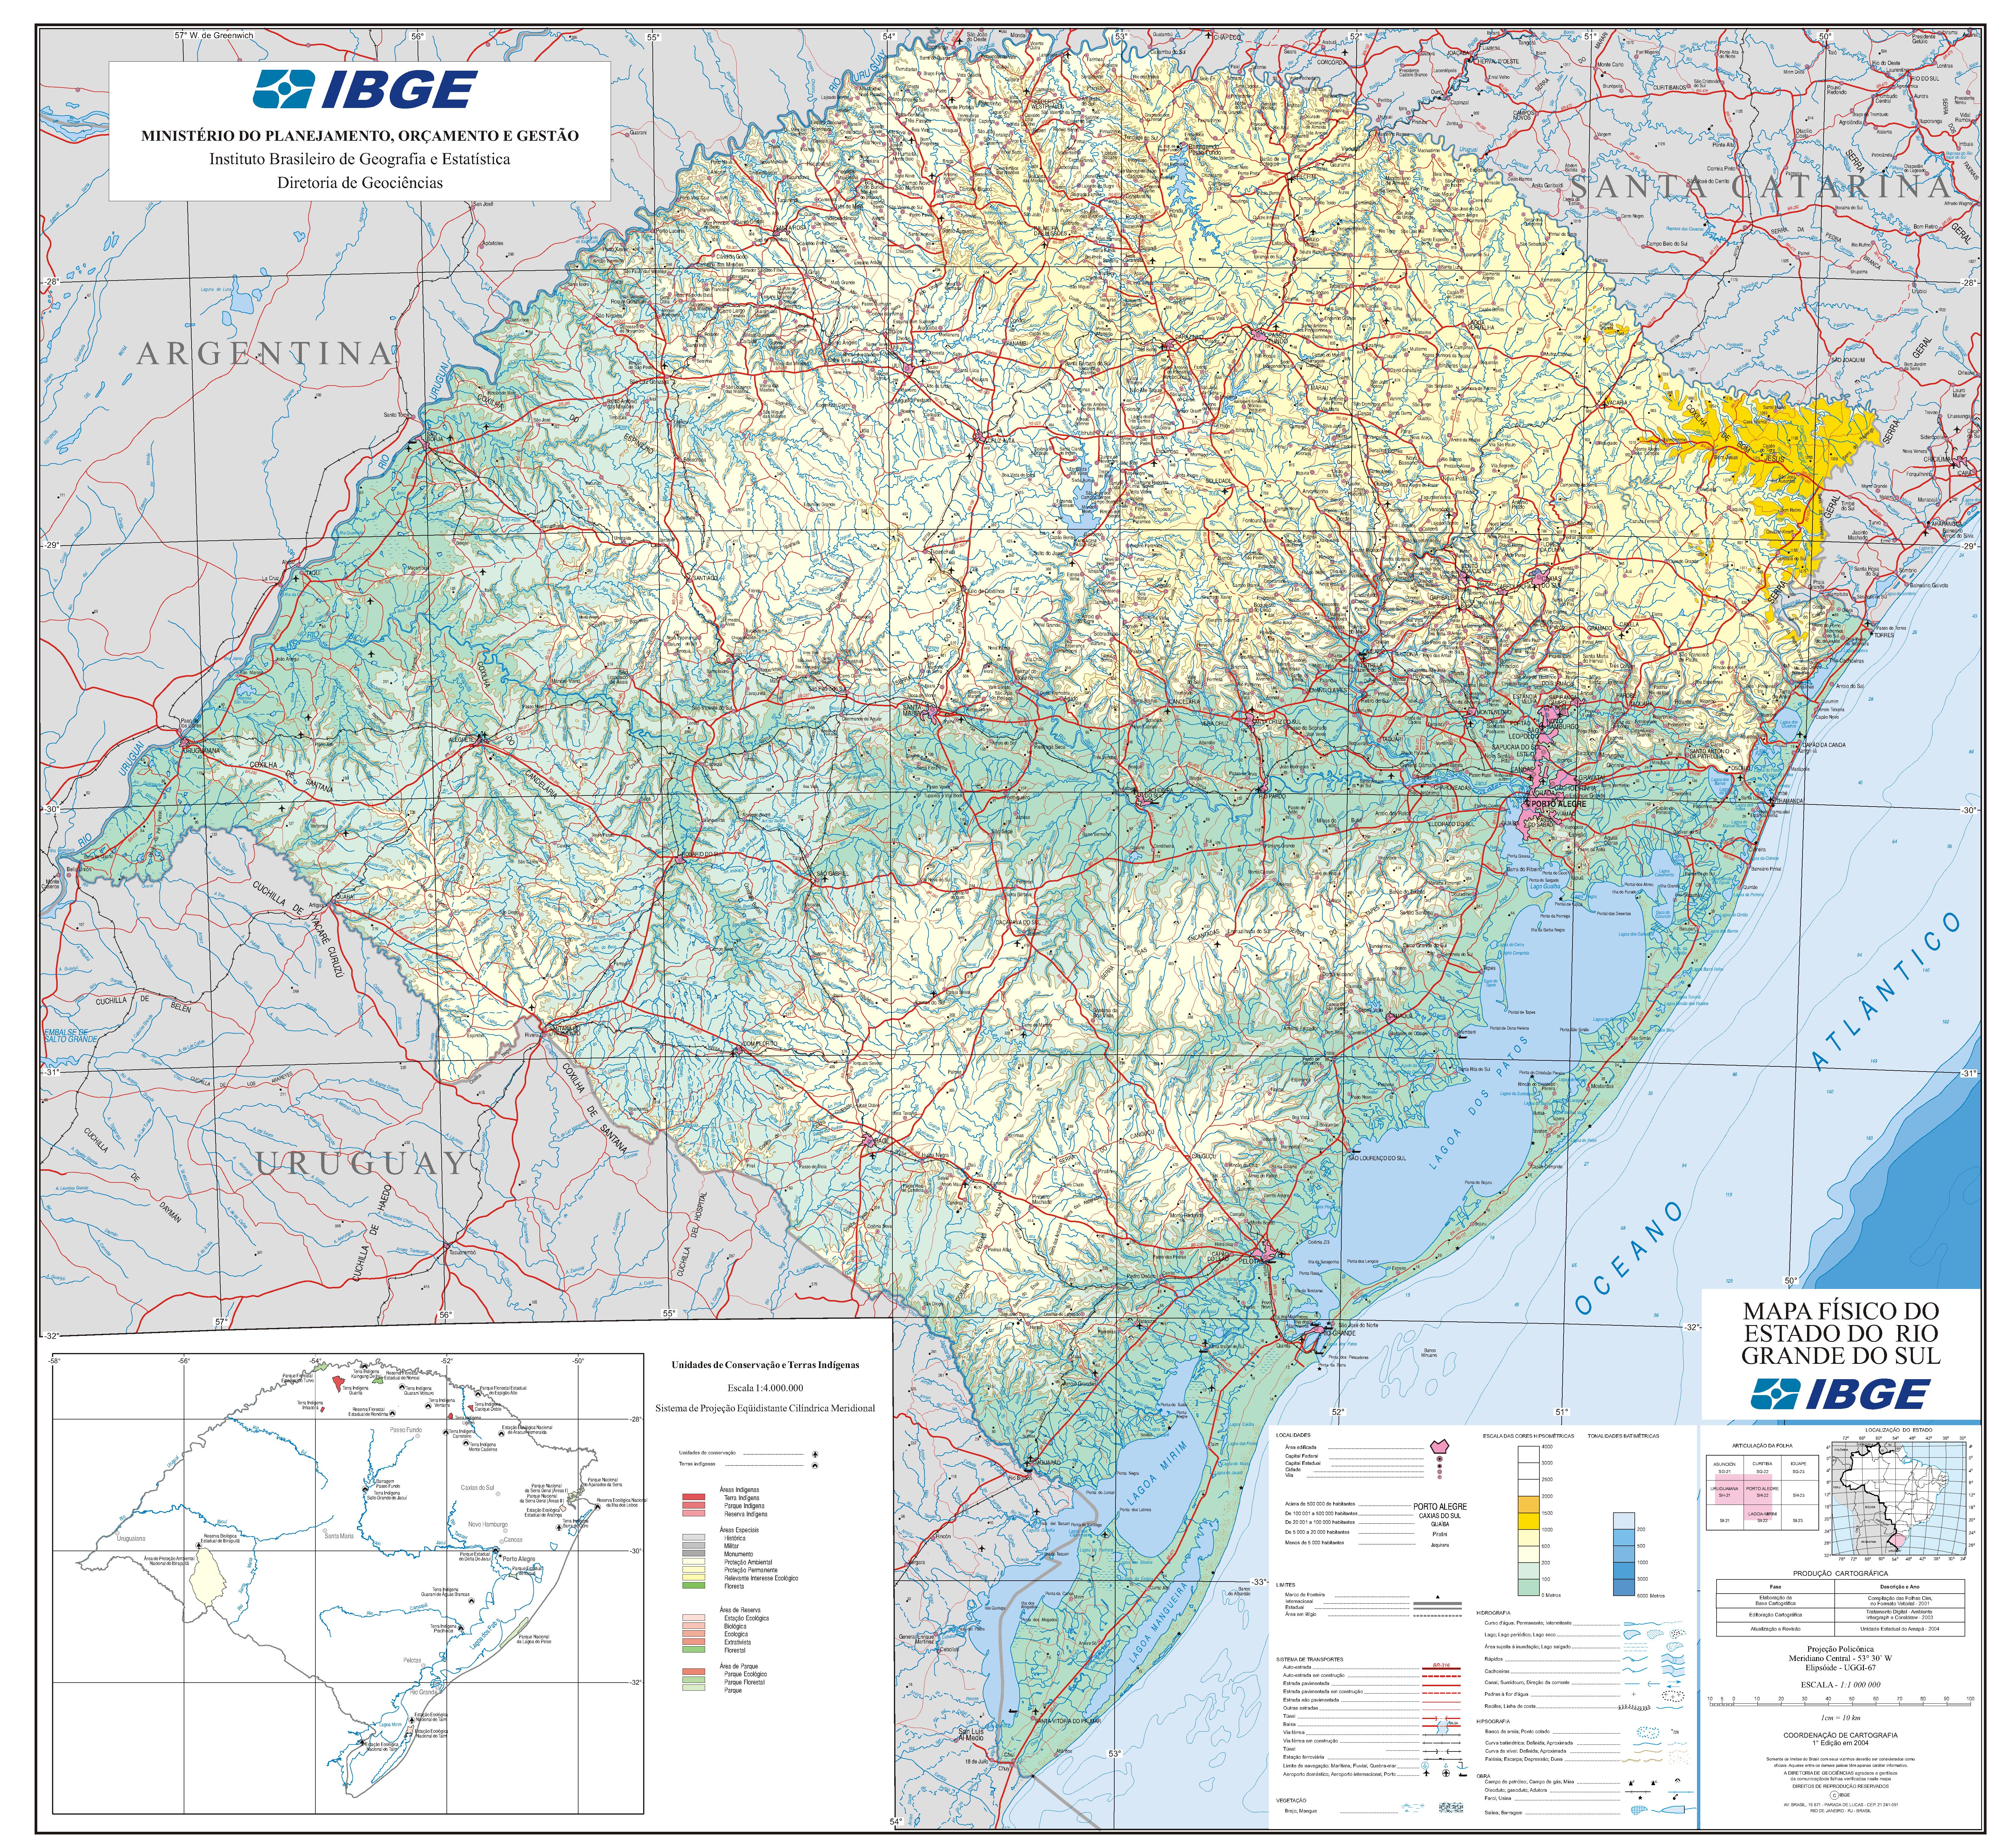 Rio Grande Mapa Fisico.Mapas E Cartografia Mapa Fisico Do Estado Do Rio Grande Do Sul